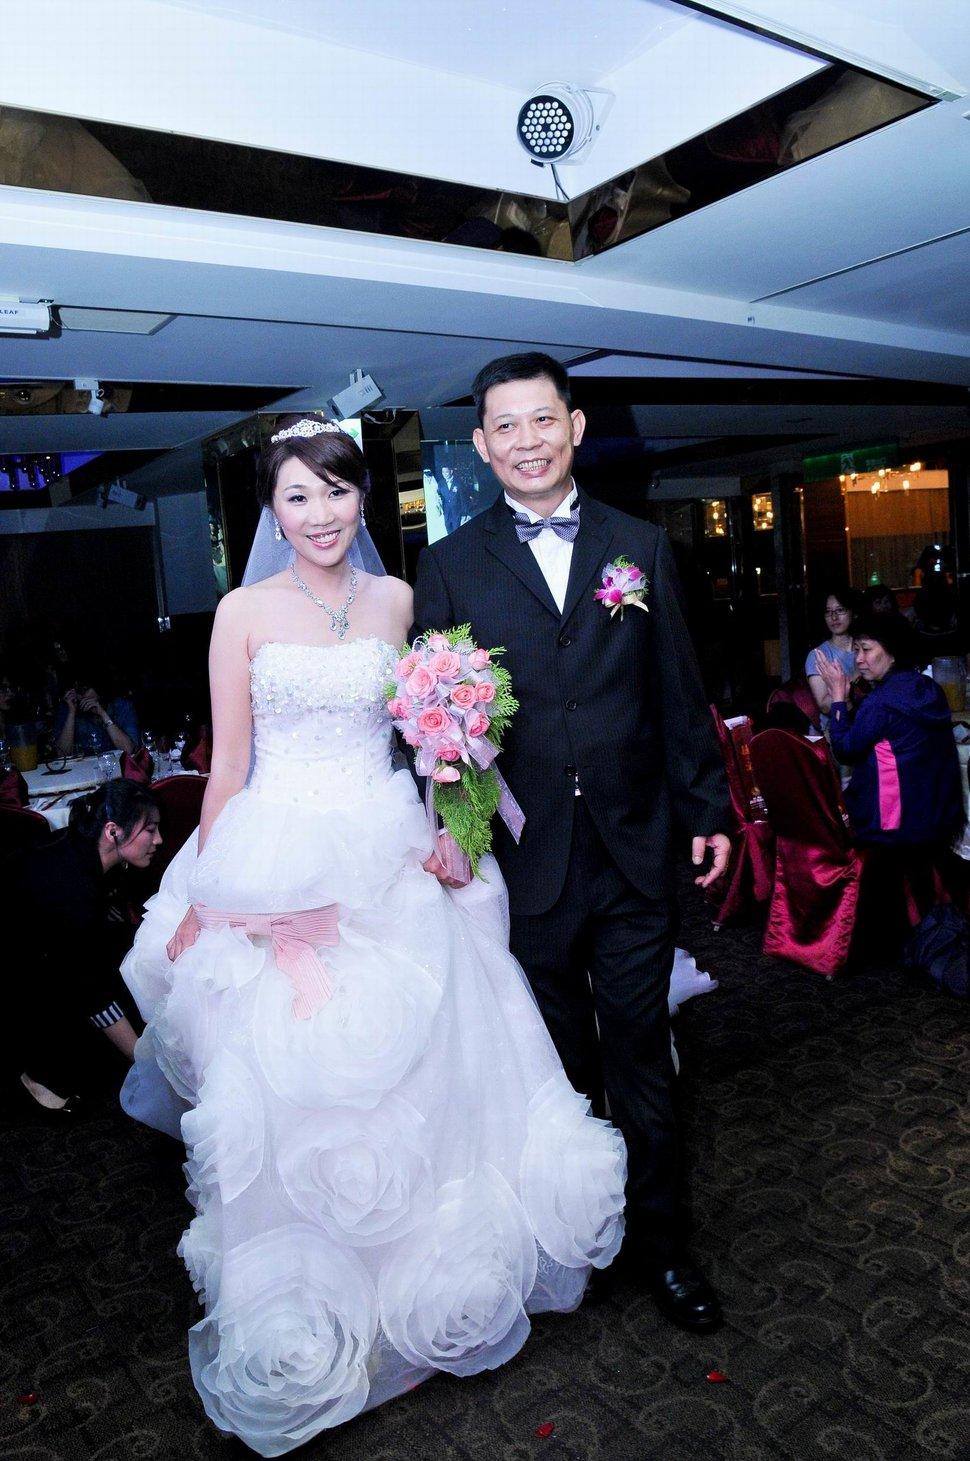 板橋吉立定結餐廳迎娶文定婚禮記錄結婚迎娶婚禮攝影動態微電影錄影專業錄影平面攝影影婚禮主持人(編號:197131) - 蜜月拍照10800錄影12800攝影團隊 - 結婚吧